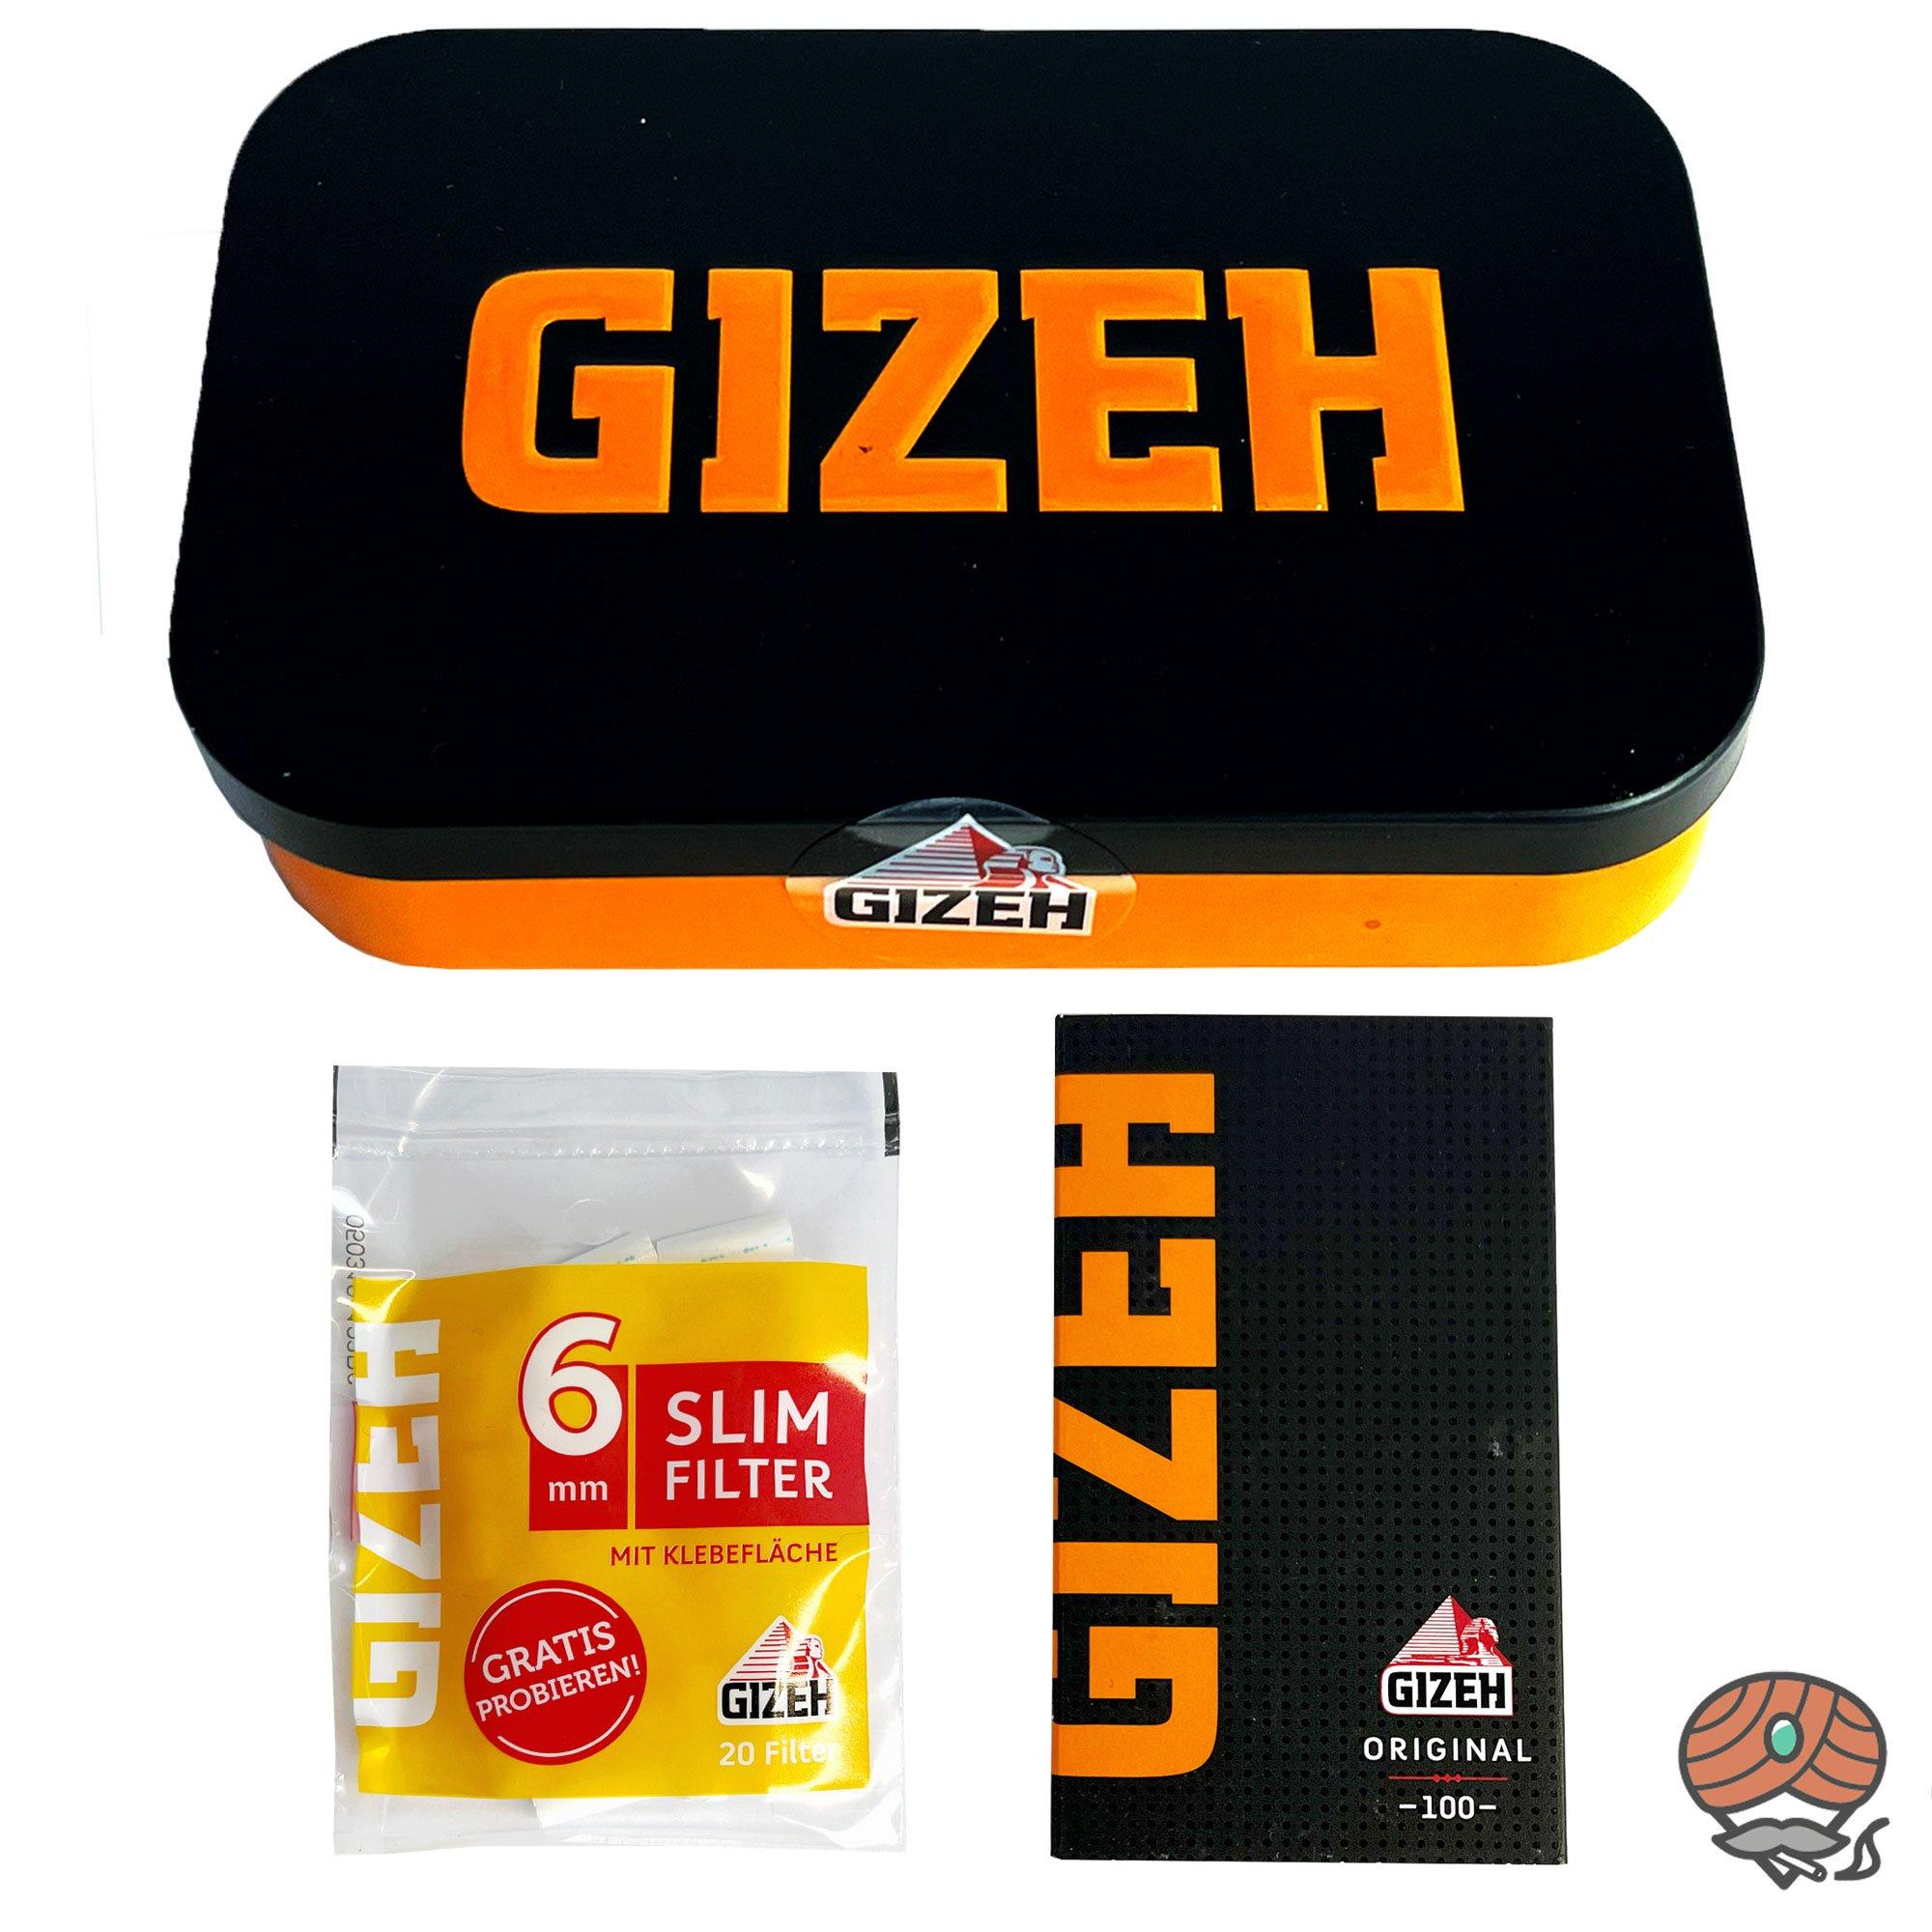 Gizeh Metallbox / Testbox  + Black Magnet Original Blättchen und Slimfilter